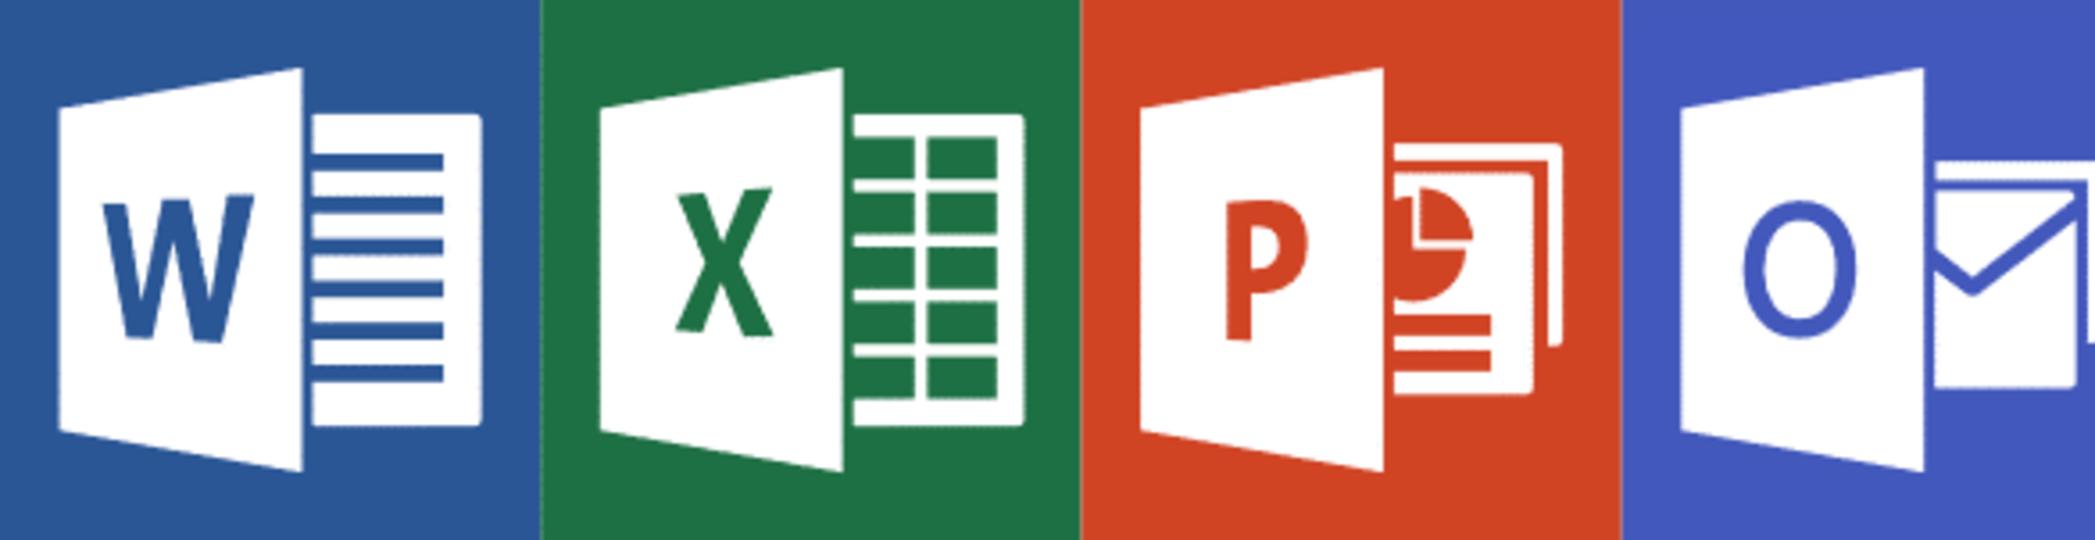 Einde ondersteuning Office 2013 client cloud connectiviteit